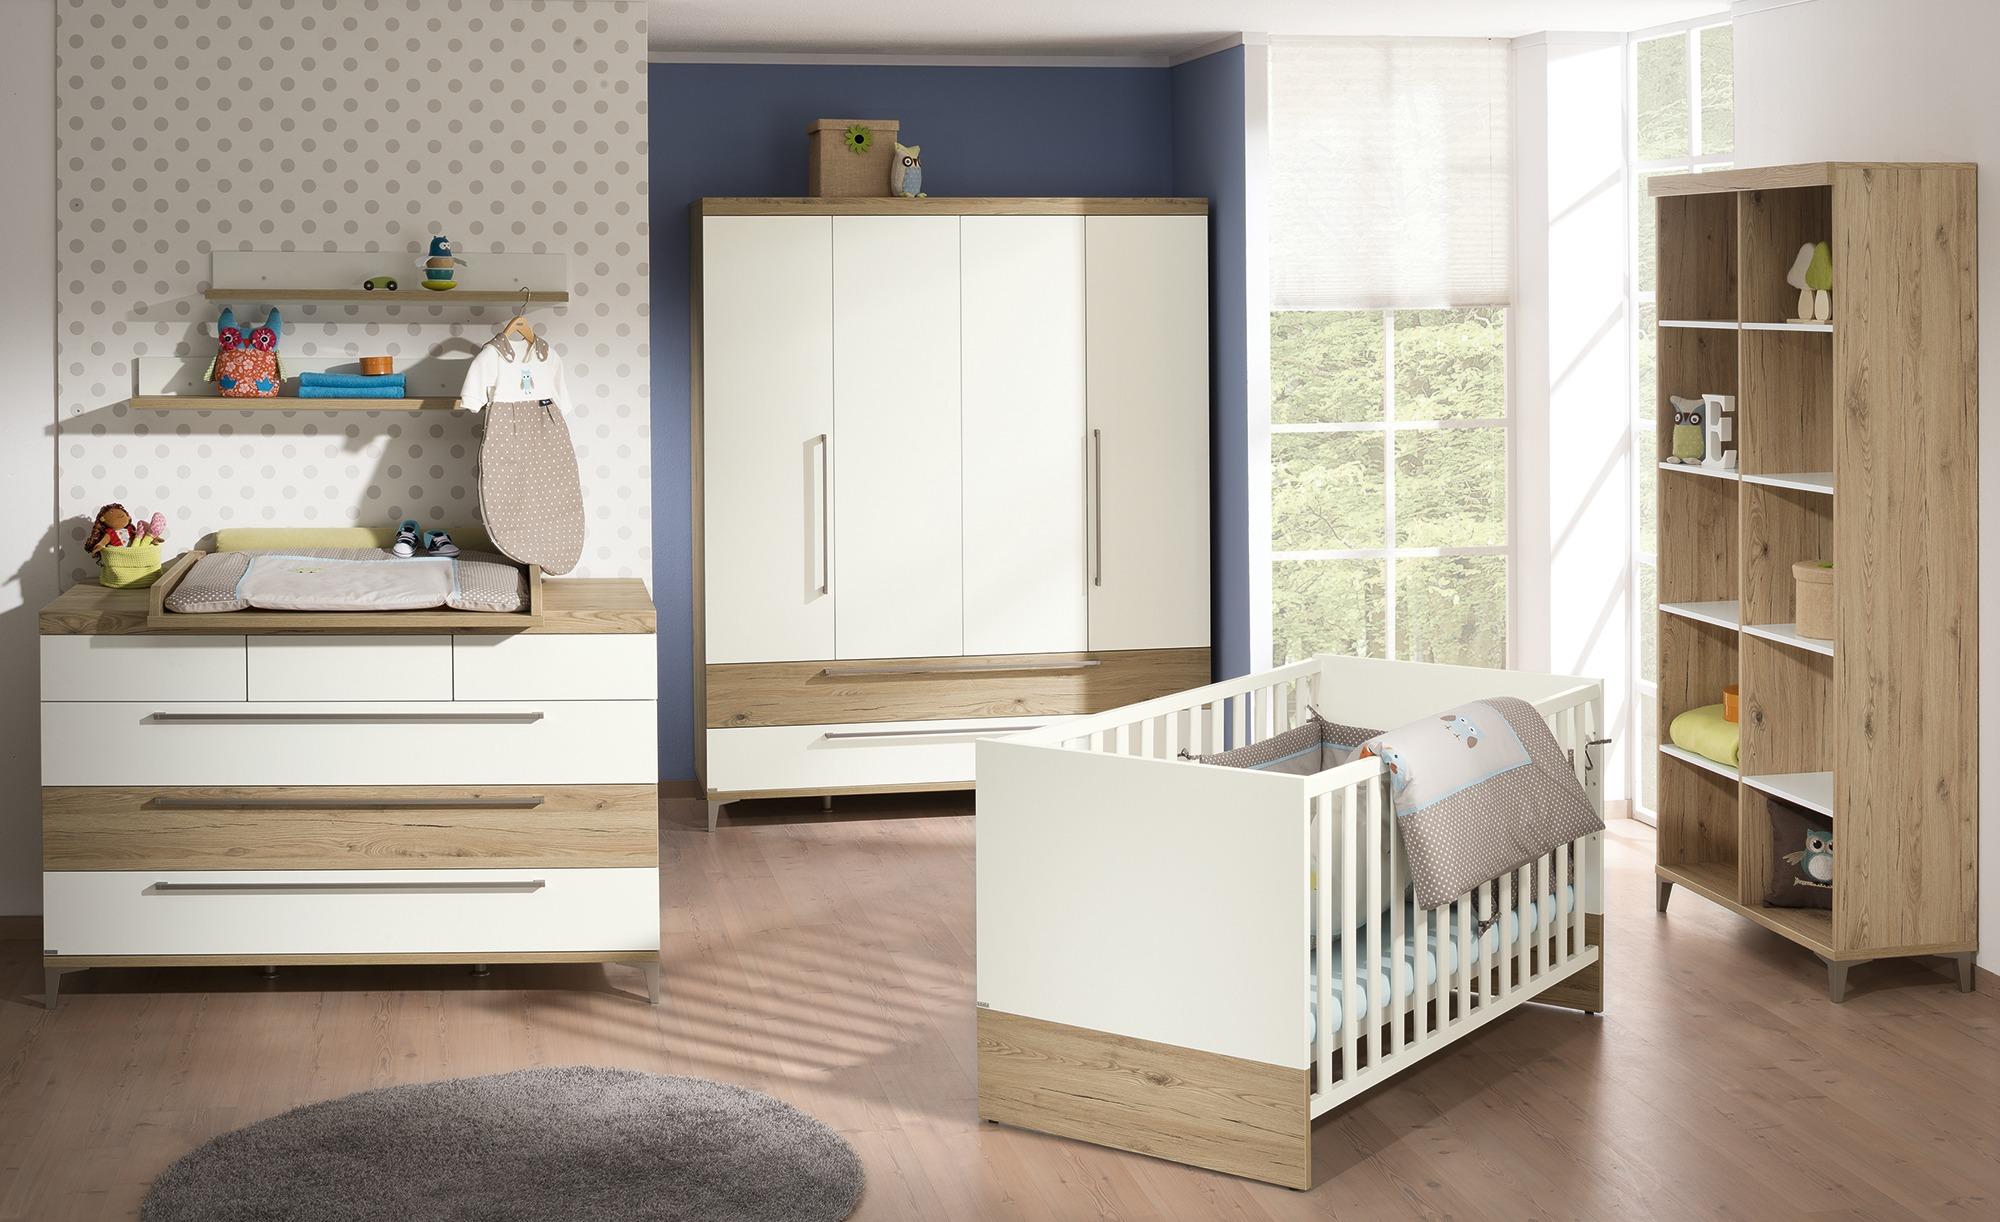 PAIDI Kinderbett Remo, gefunden bei Möbel Höffner